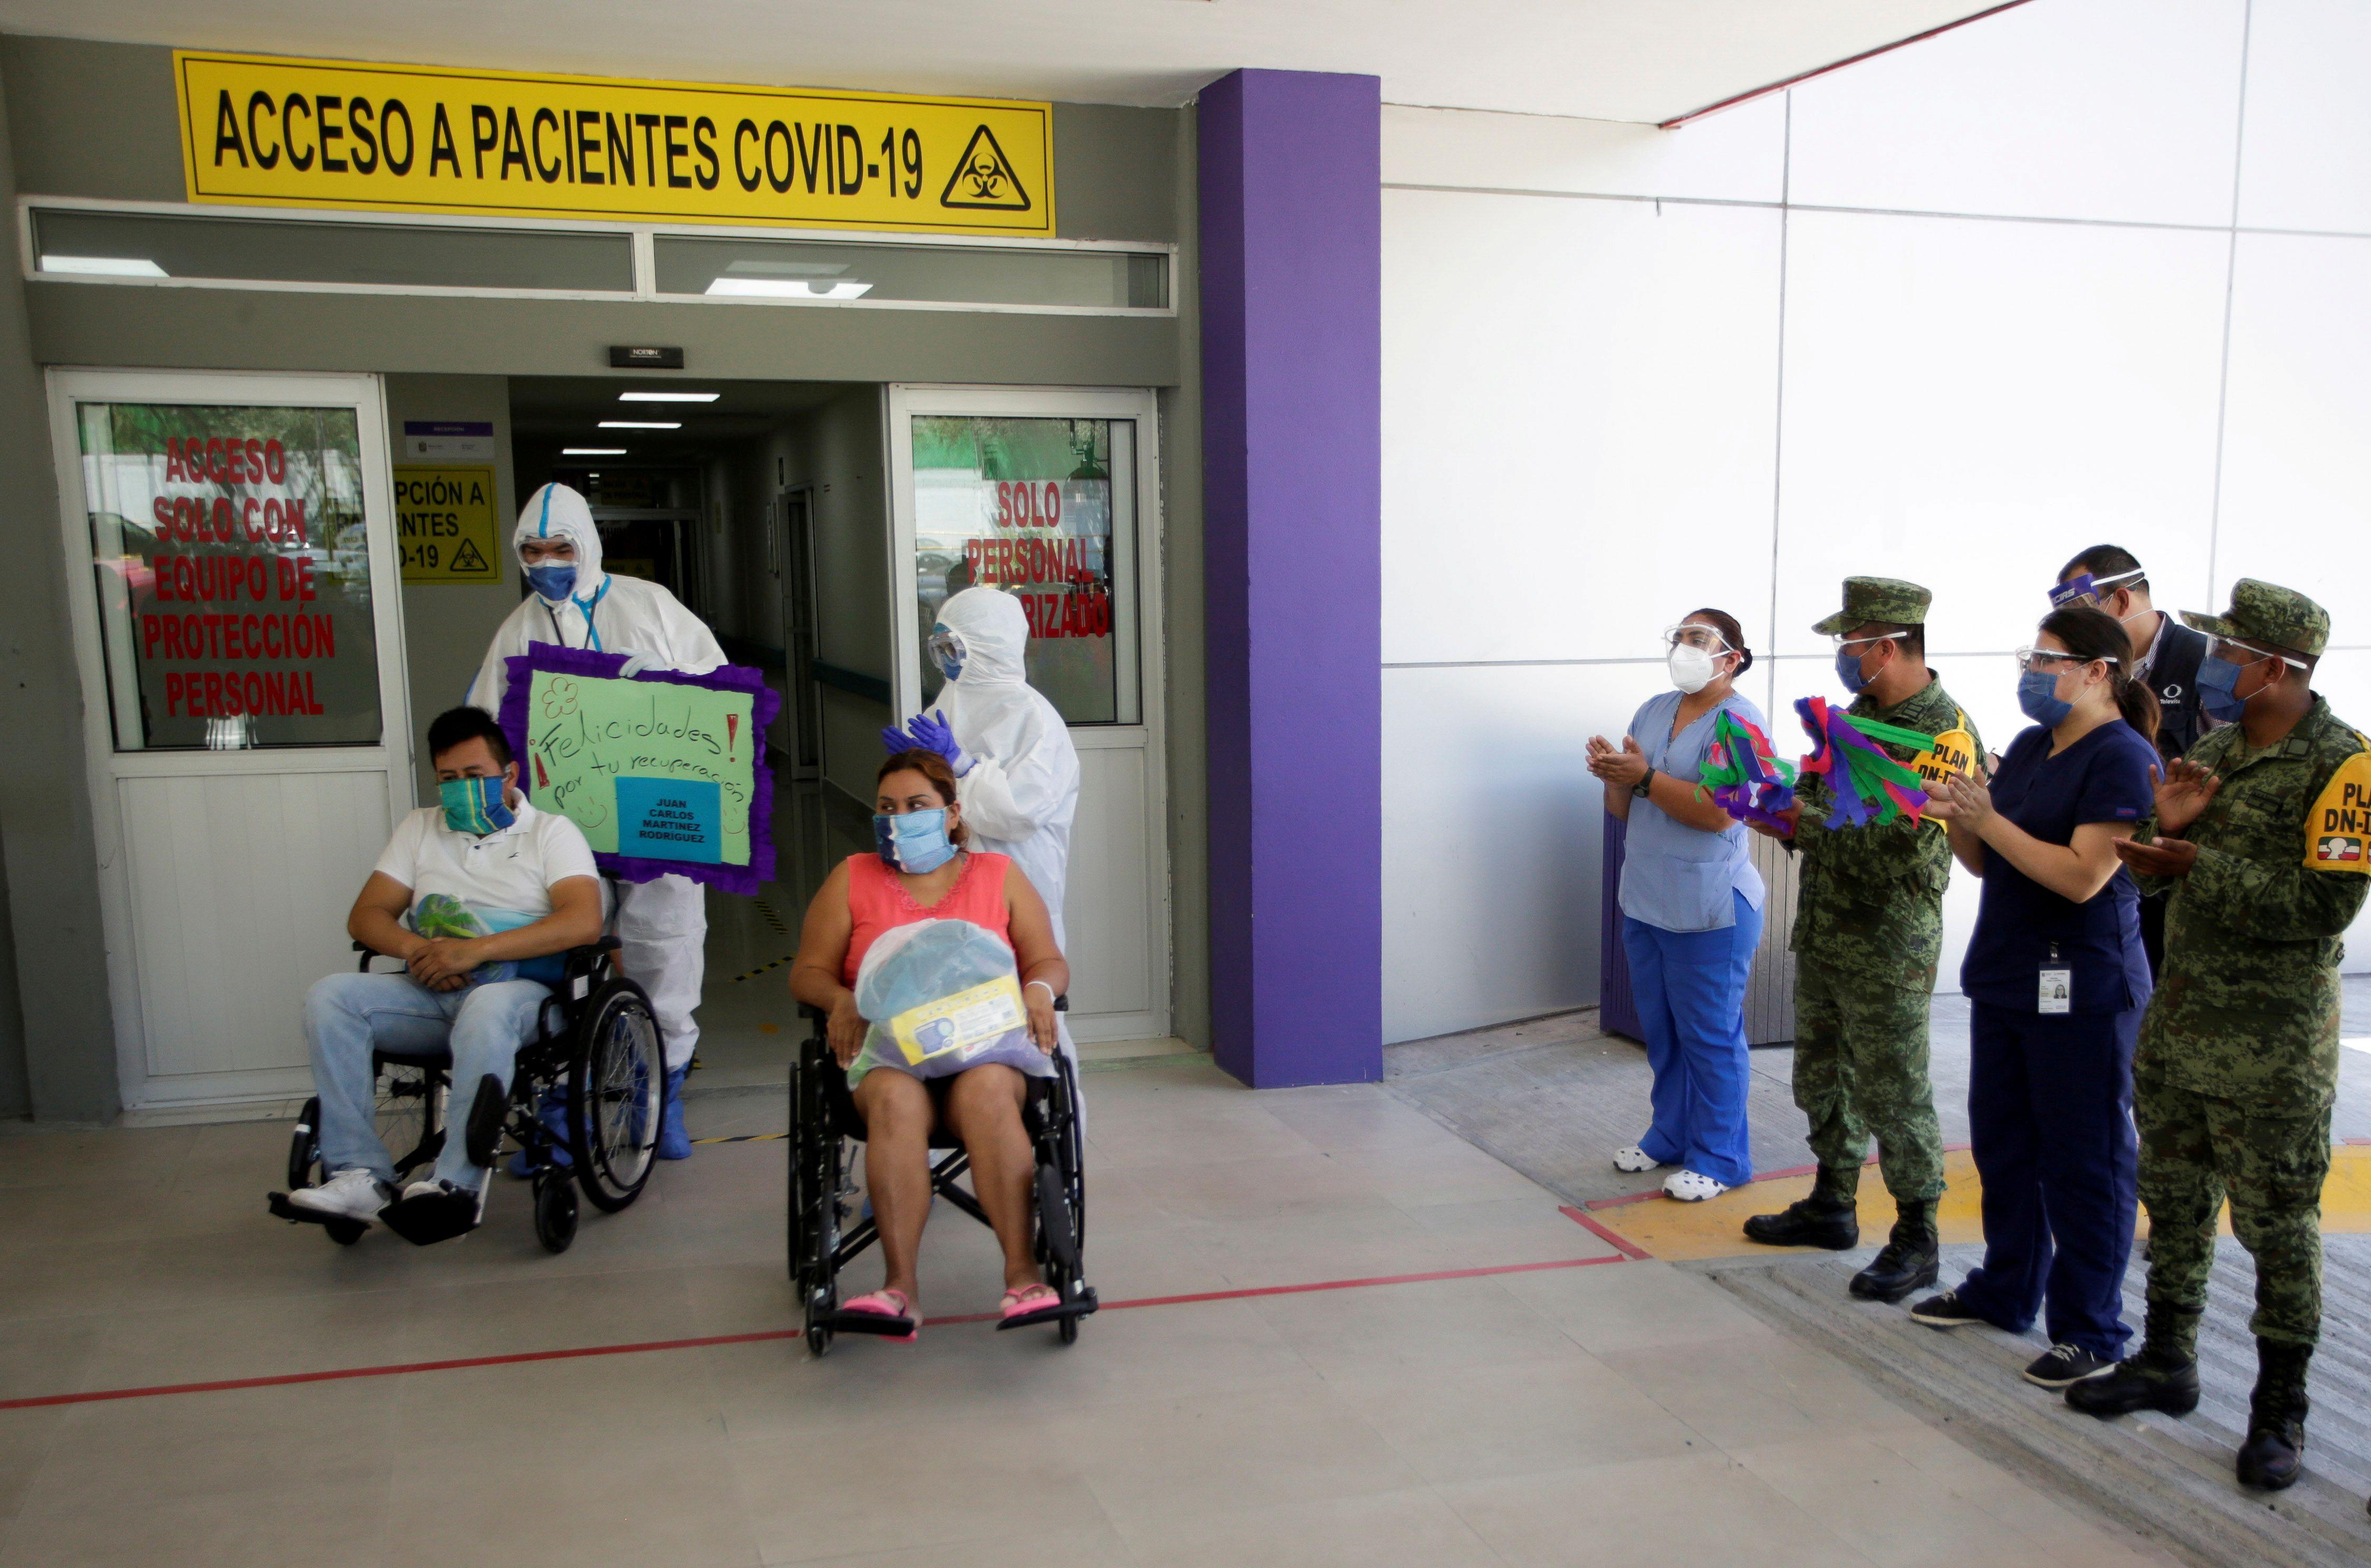 AMIS registró que los pacientes atendidos en hospitales privados han gastado 2,125 millones de pesos. De ese total de pacientes 64% son hombres y 36% mujeres. El 49% de las indemnizaciones se destaca en el grupo de 40 a 59 años. (Foto: REUTERS/Daniel Becerril)